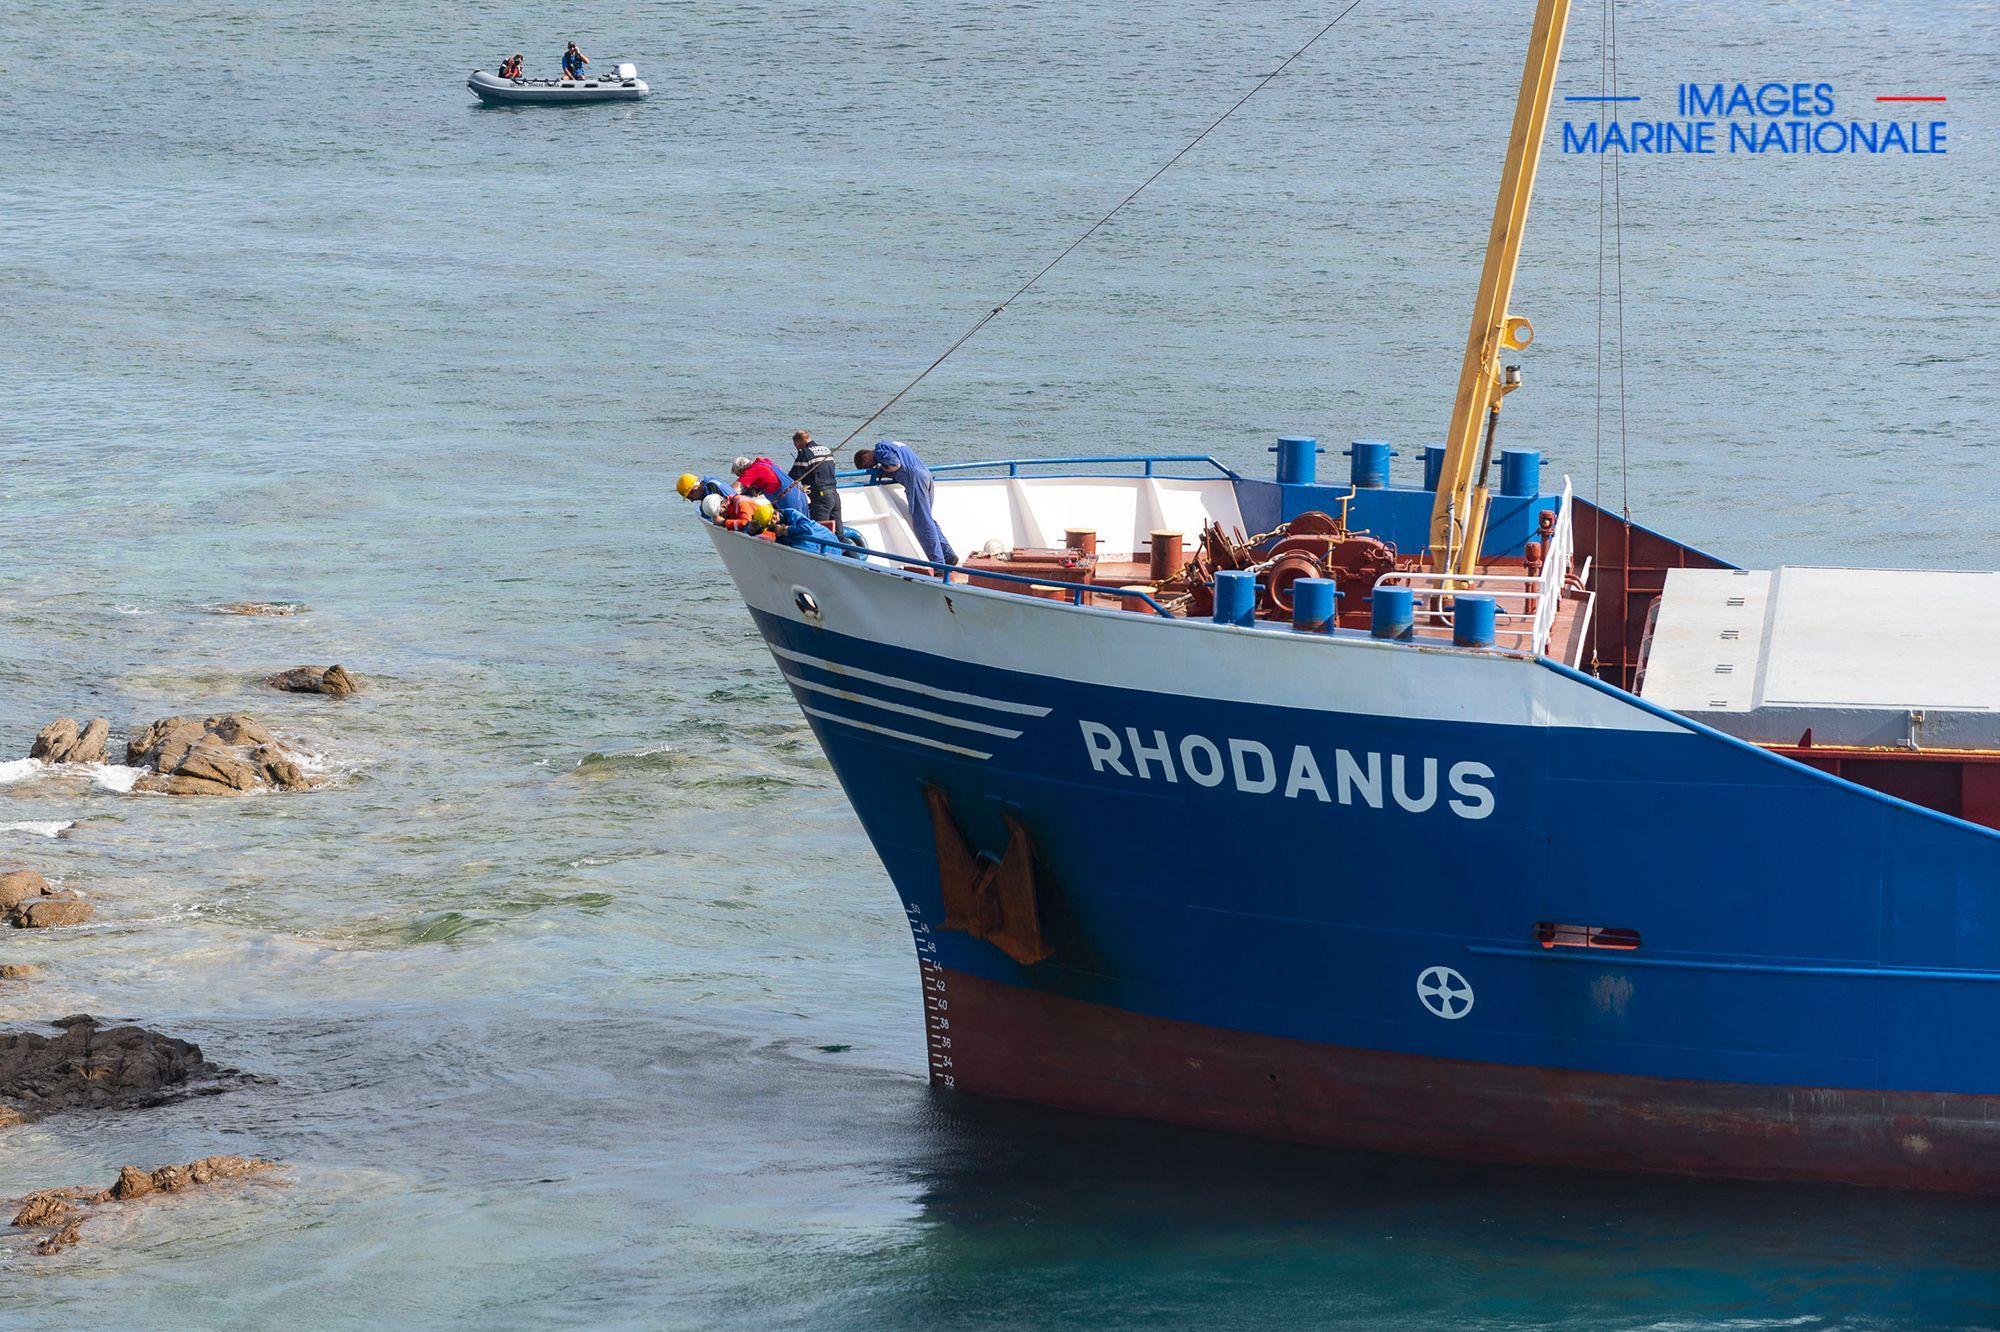 Le cargo coincé au large de Bonifacio a été déséchoué